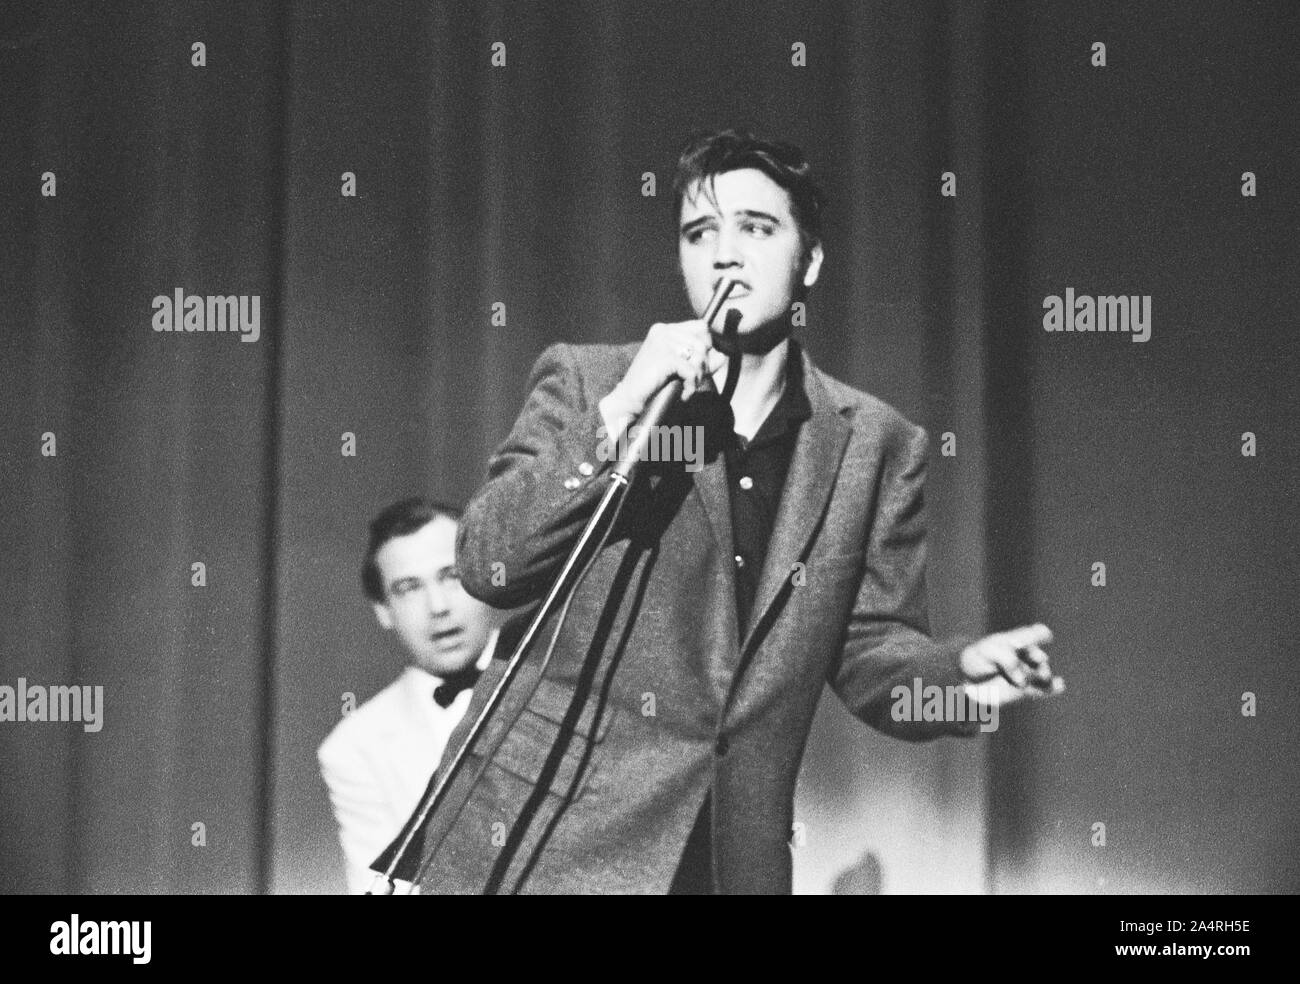 Elvis Presley l'exécution le 26 mai 1956. La performance a eu lieu à la Veteran's Memorial Auditorium, Columbus, Ohio. Banque D'Images